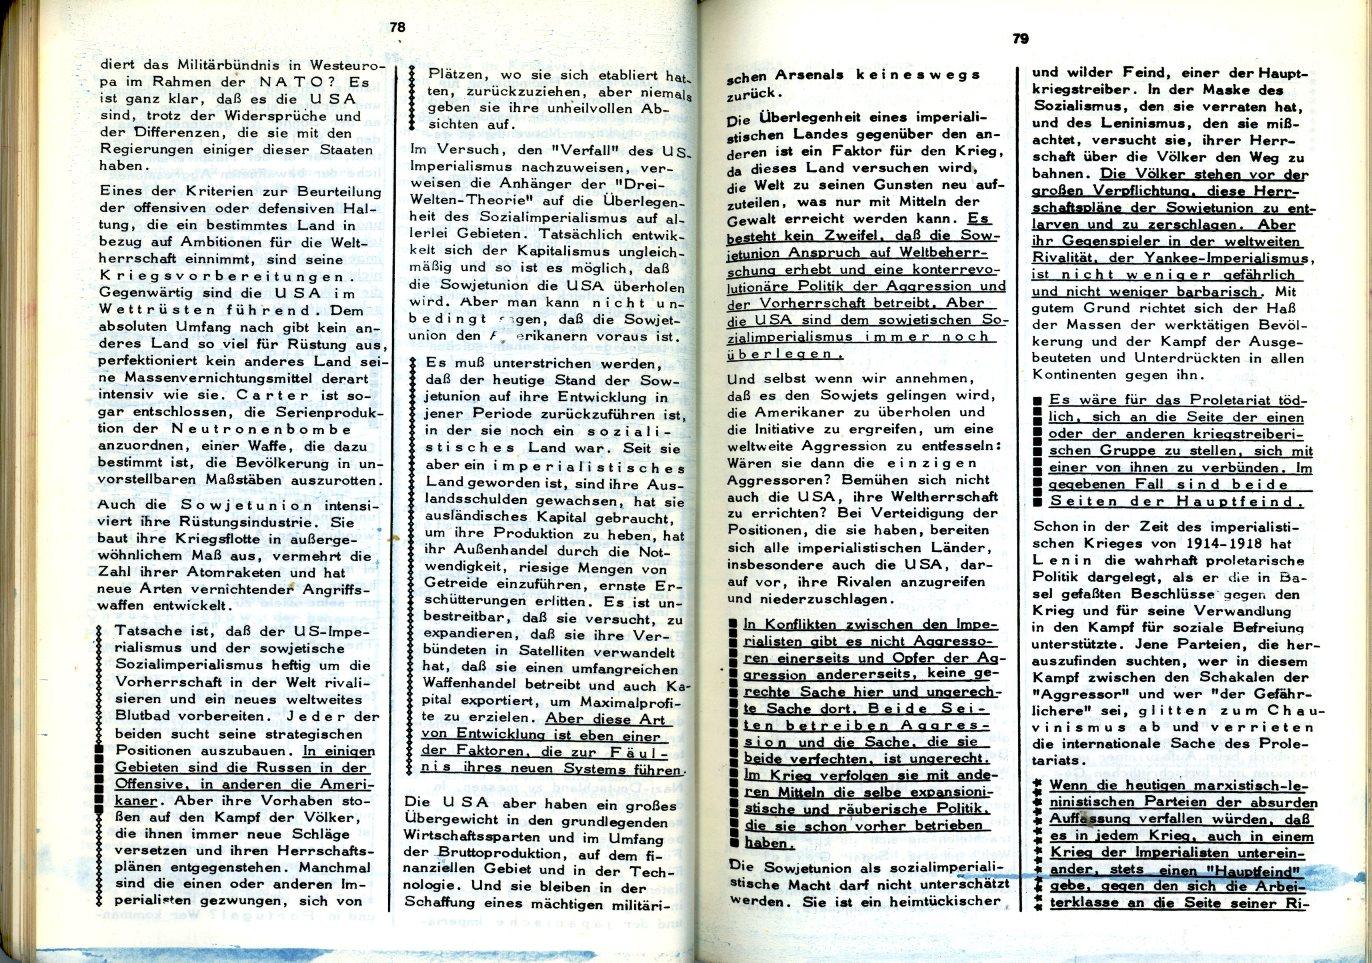 MLSK_Theorie_und_Praxis_des_ML_1978_20_48